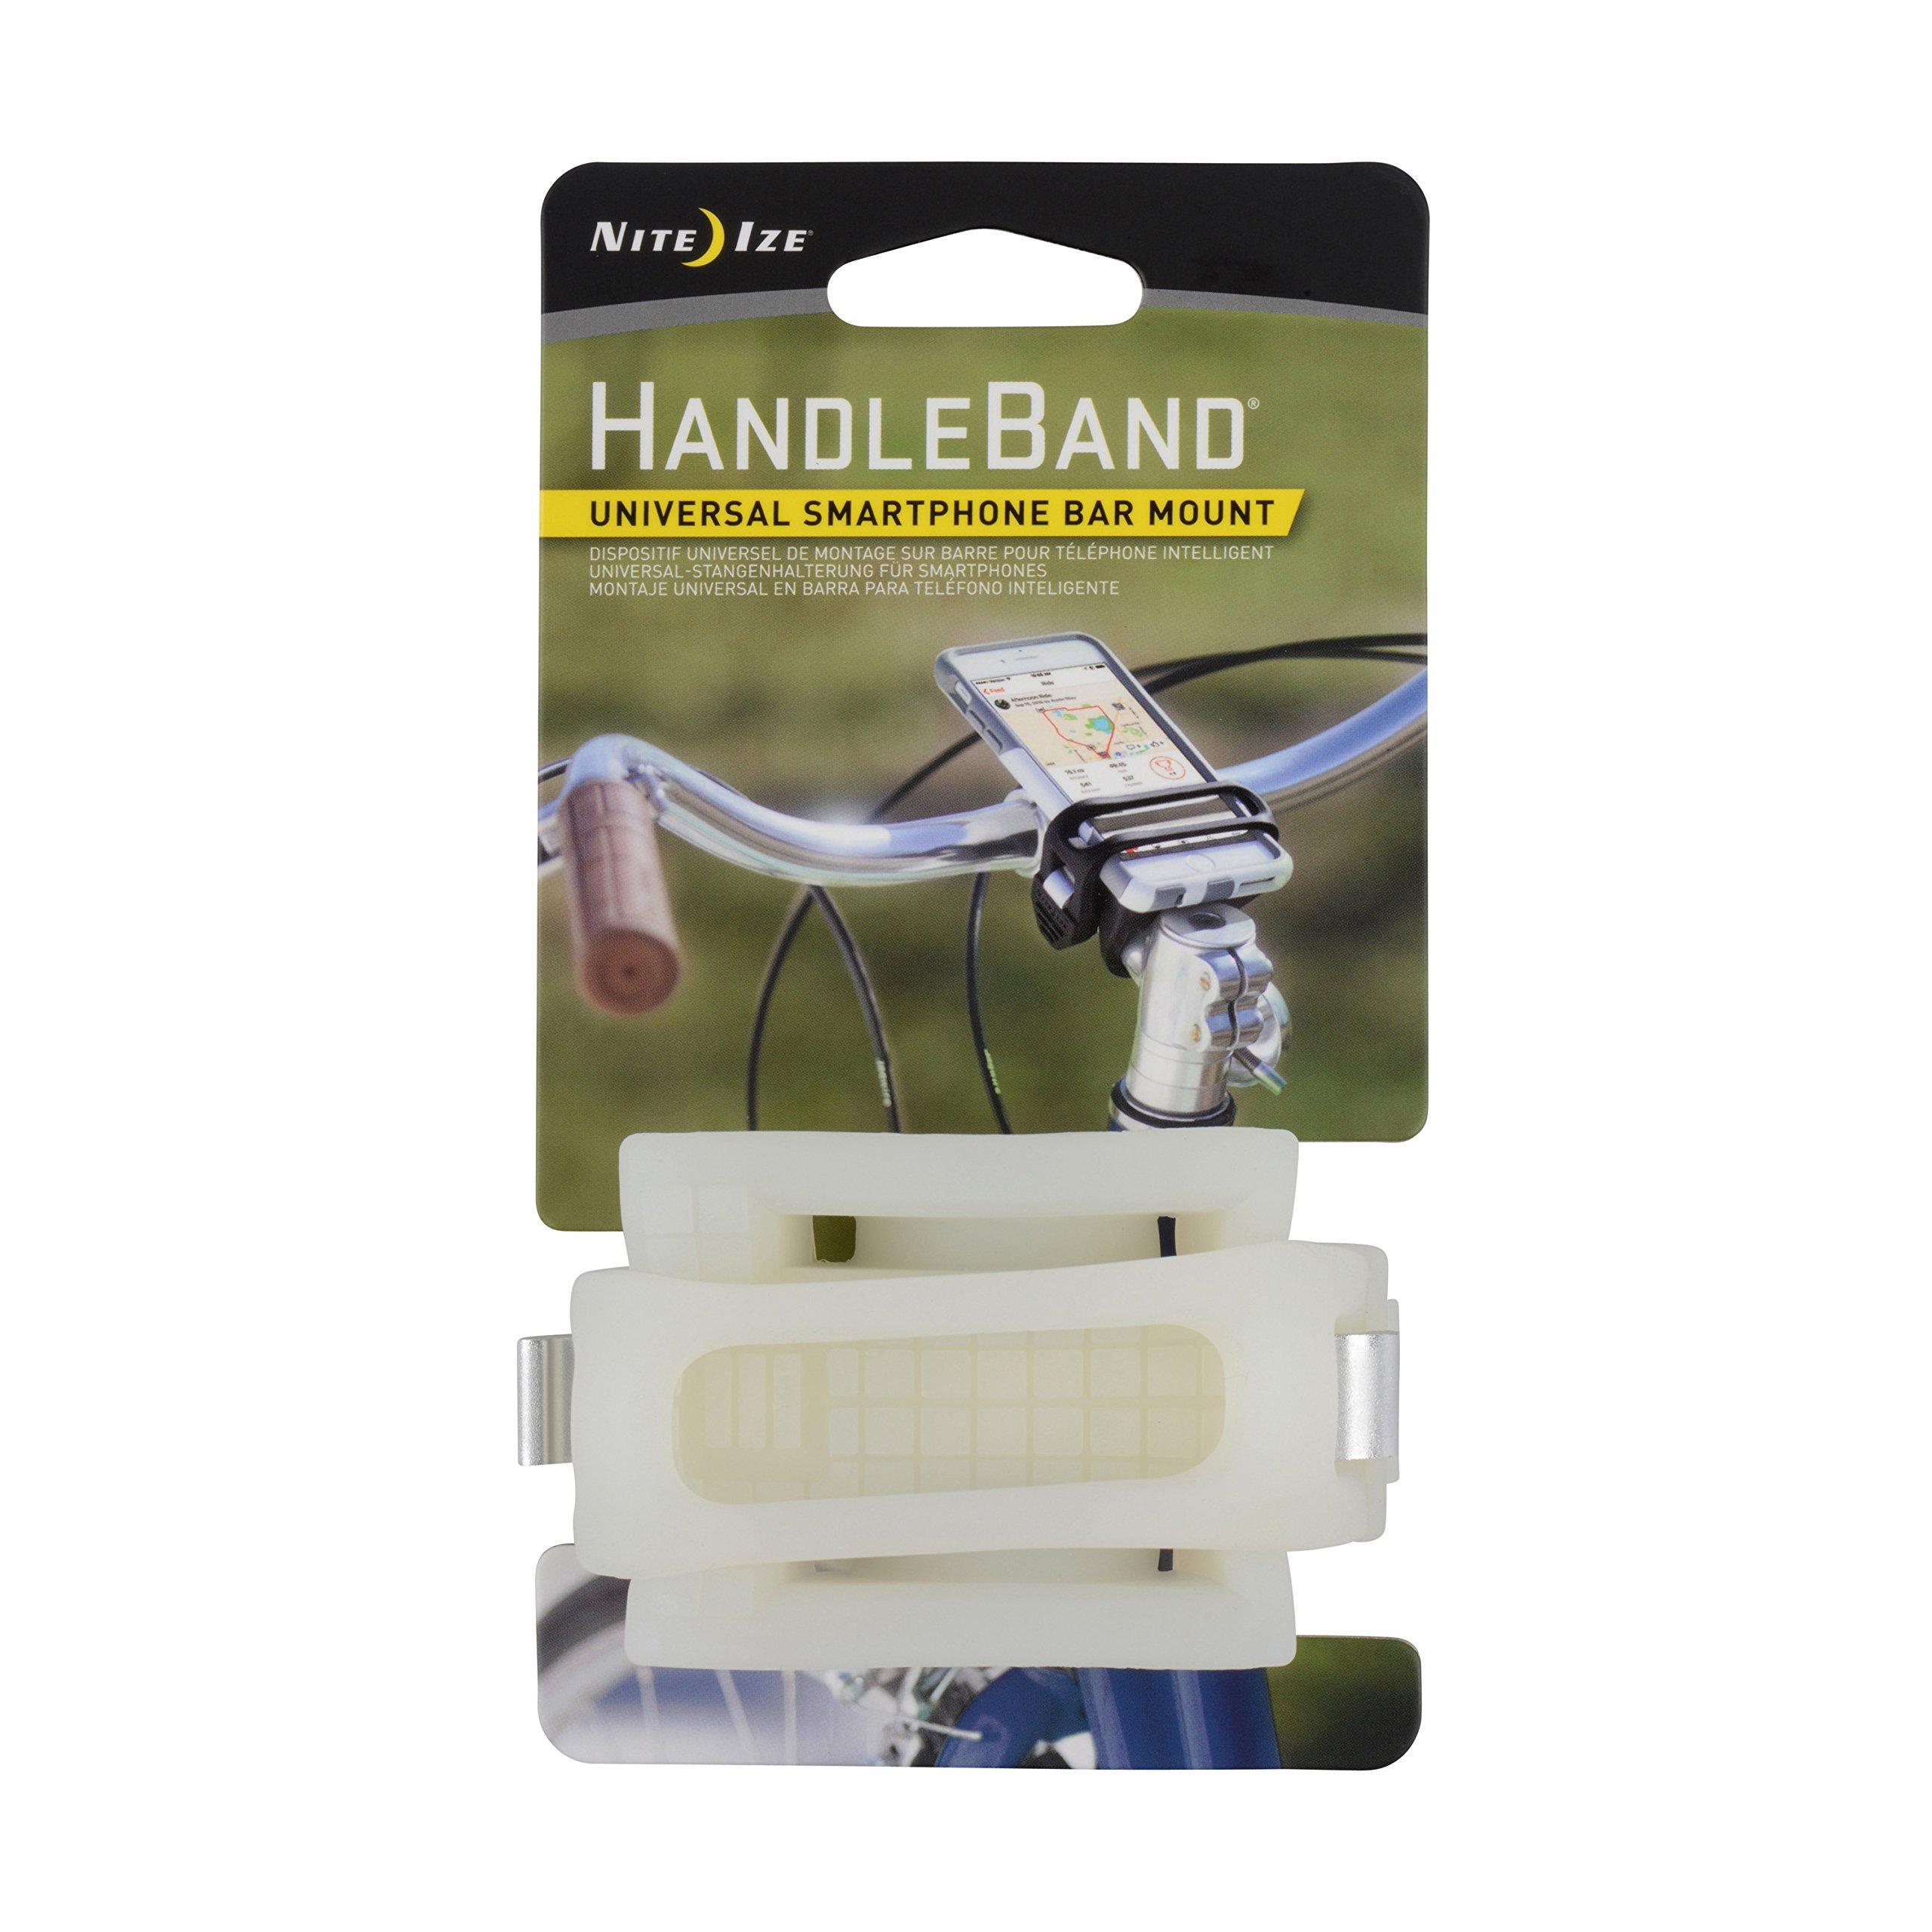 Nite Ize HDB-02-R3 HandleBand Clear in Card Pack